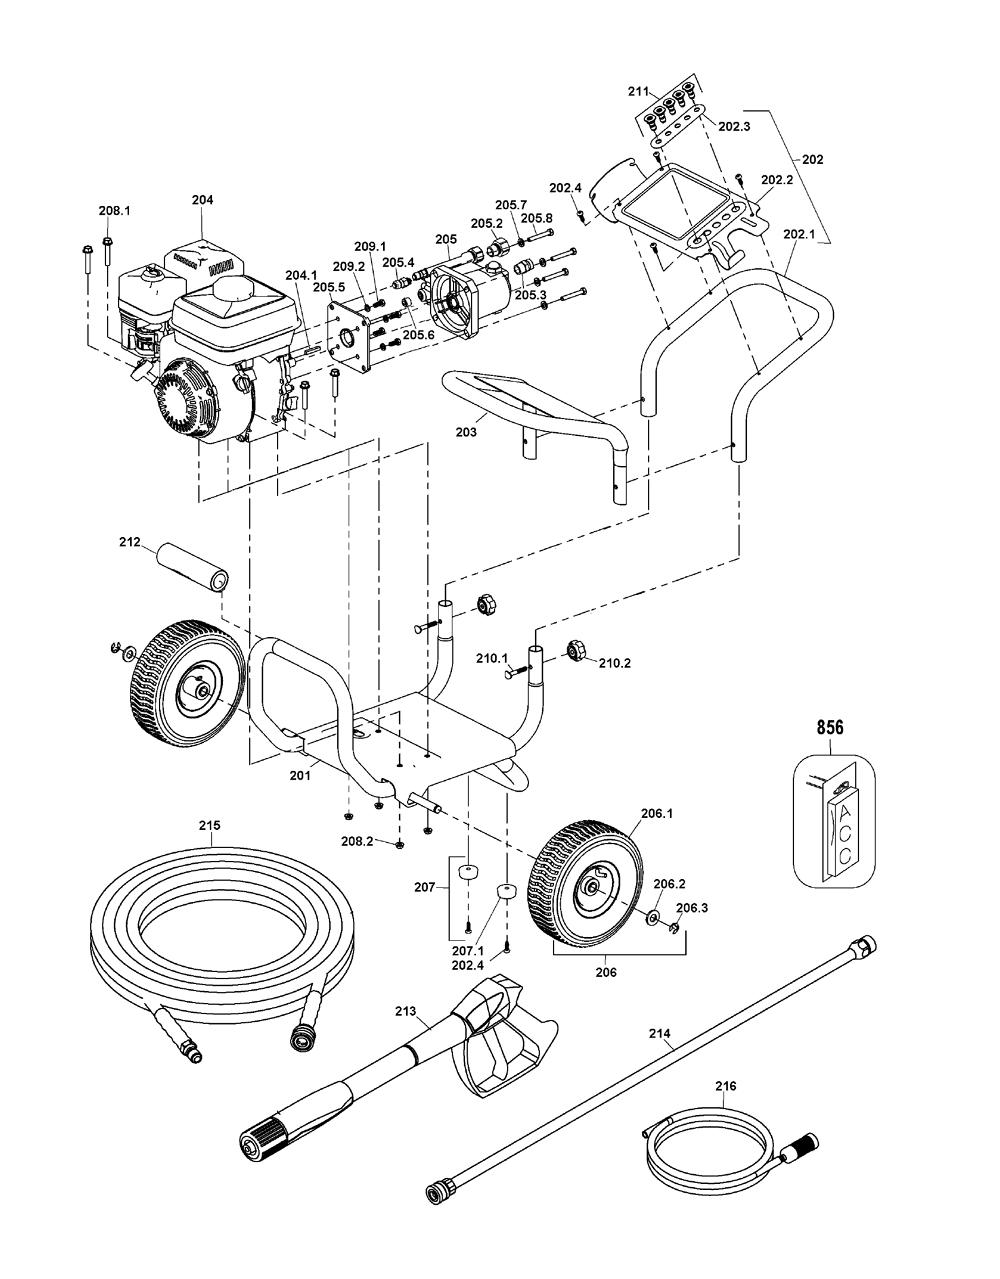 Buy Dewalt Dxpw60603 Type 0 Gas Pressure Washer